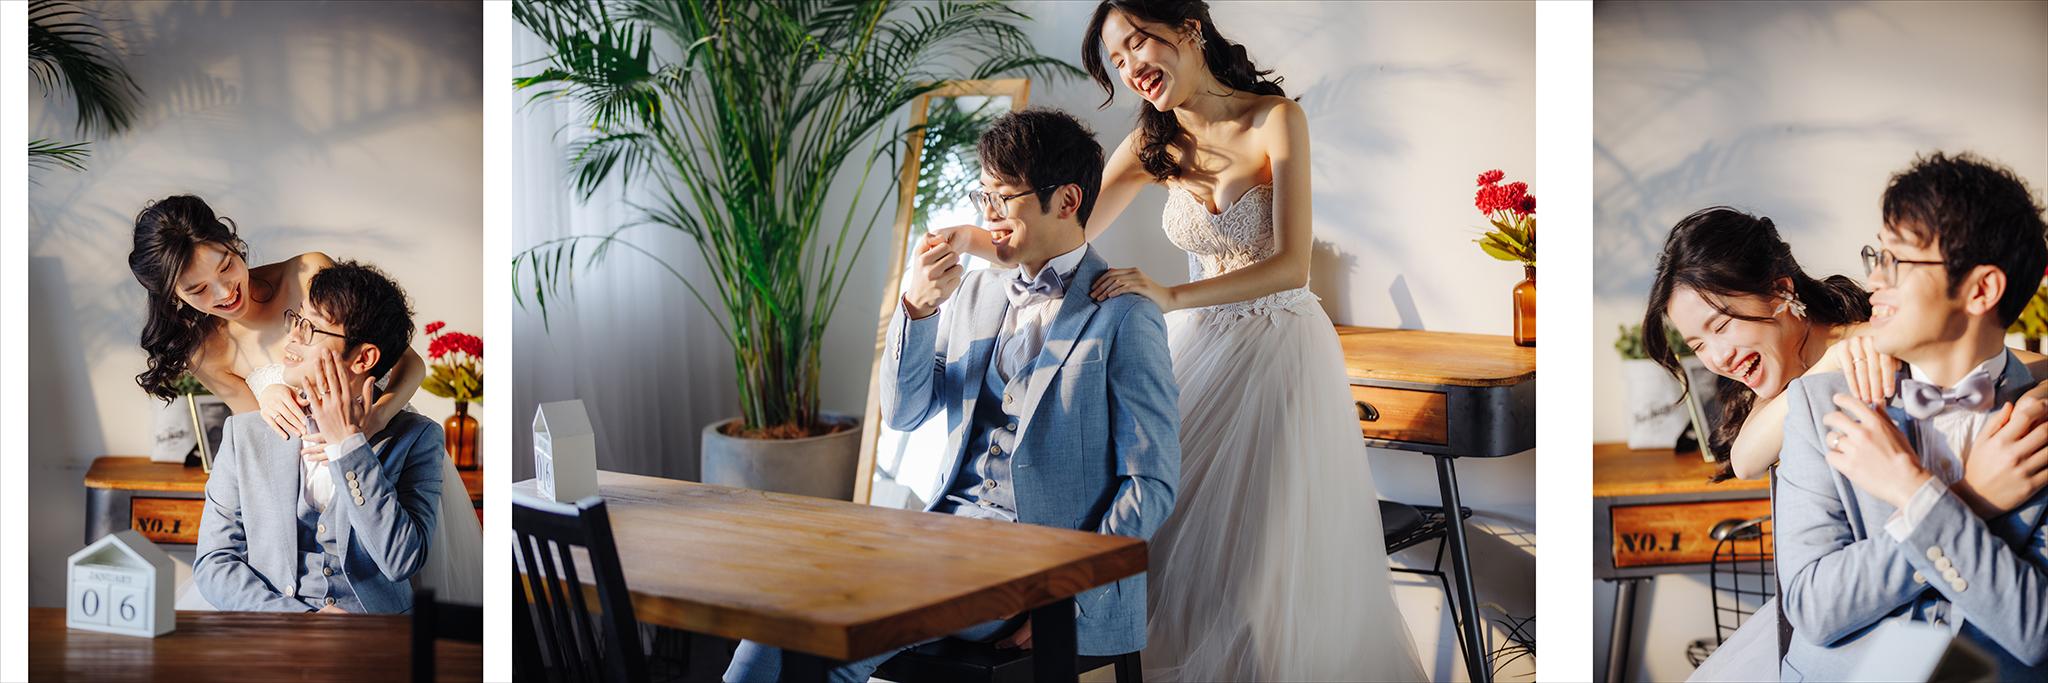 49510412938 d867a41a1a o - 【自助婚紗】+直宏&靜婷+